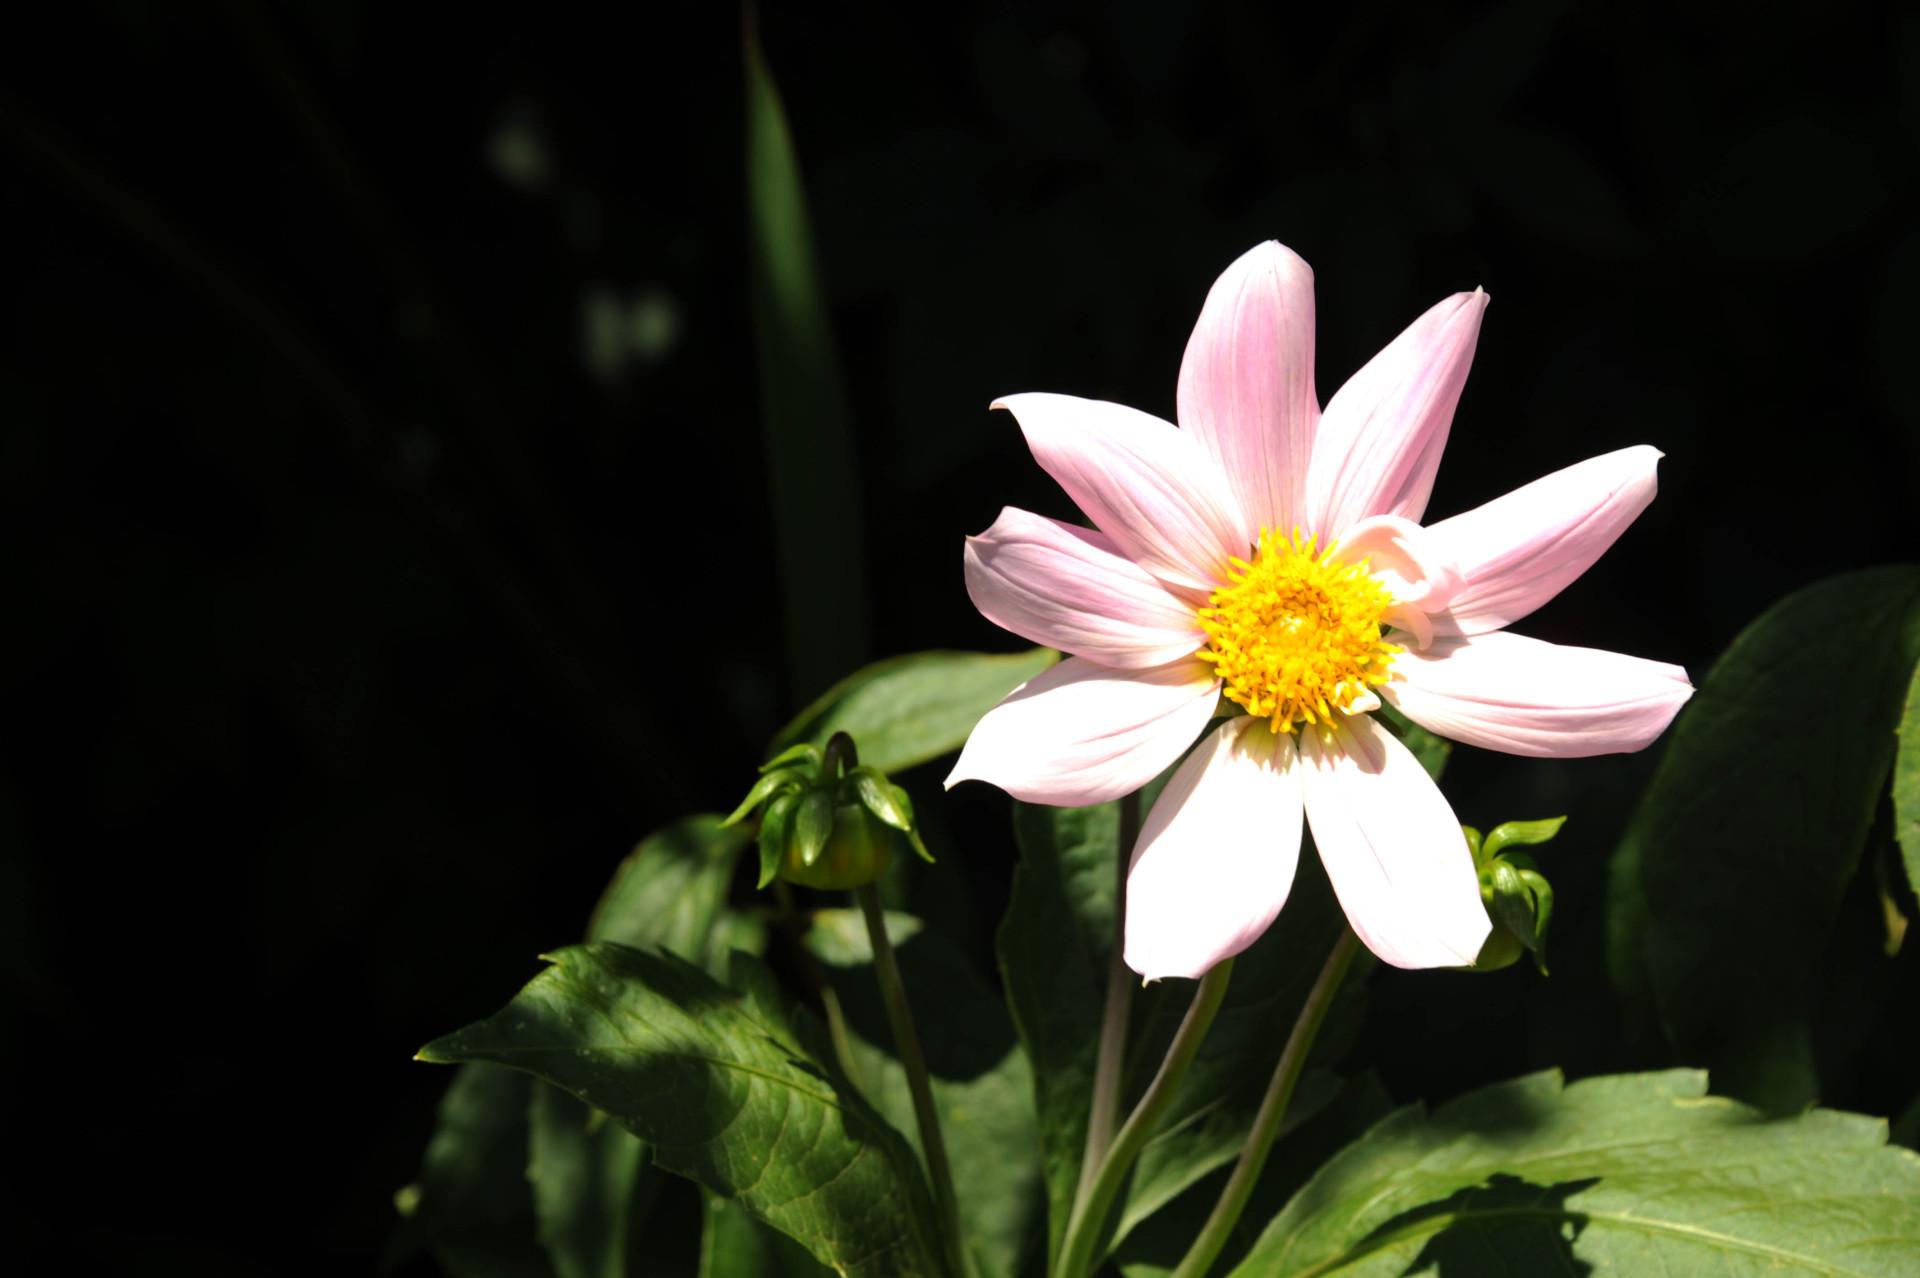 spring2-1-of-1-e1427811482401.jpg